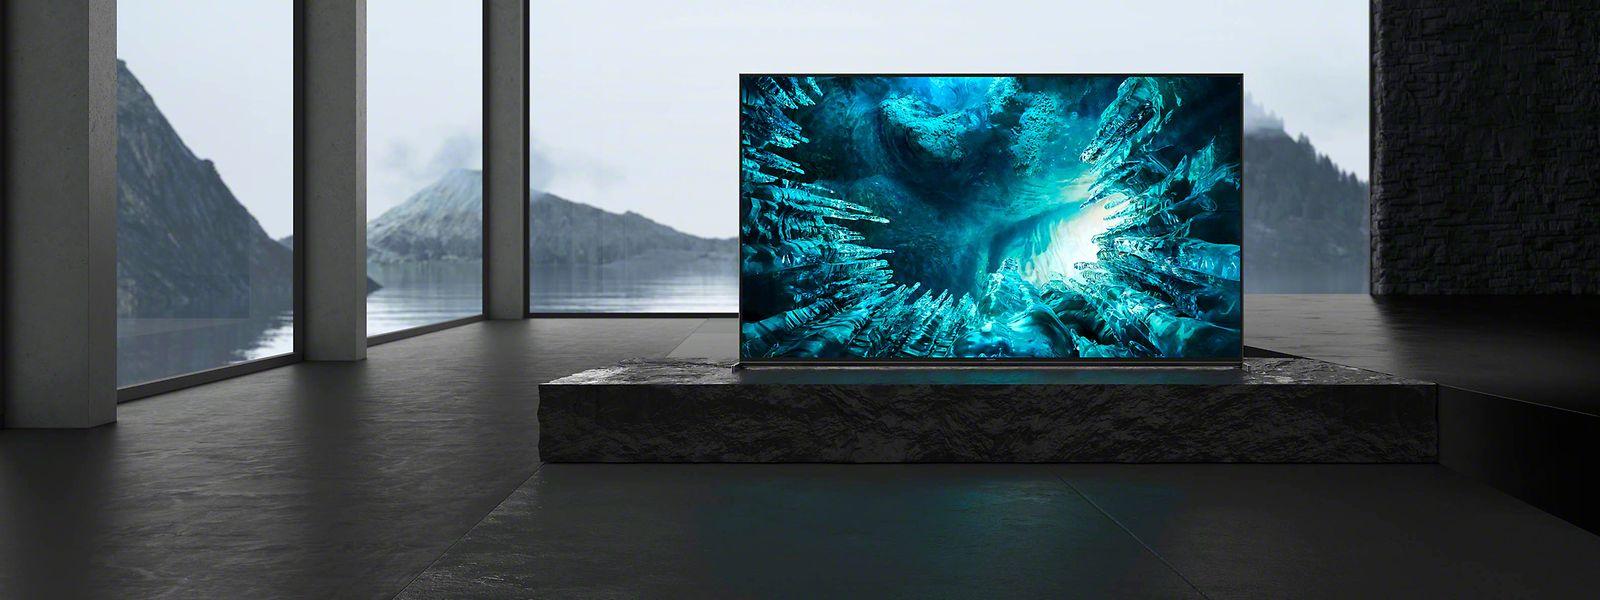 """Beim """"ZH8"""" von Sony kann der Klang dank Einmessautomatik """"Acoustic Audio Calibration"""" auf Knopfdruck an unterschiedliche Wohnräume angepasst werden. So klingt der Fernseher zwischen Polster-möbeln nicht zu dumpf, im gekachelten Loft nicht zu blechern. Preis: um 2800 Euro."""